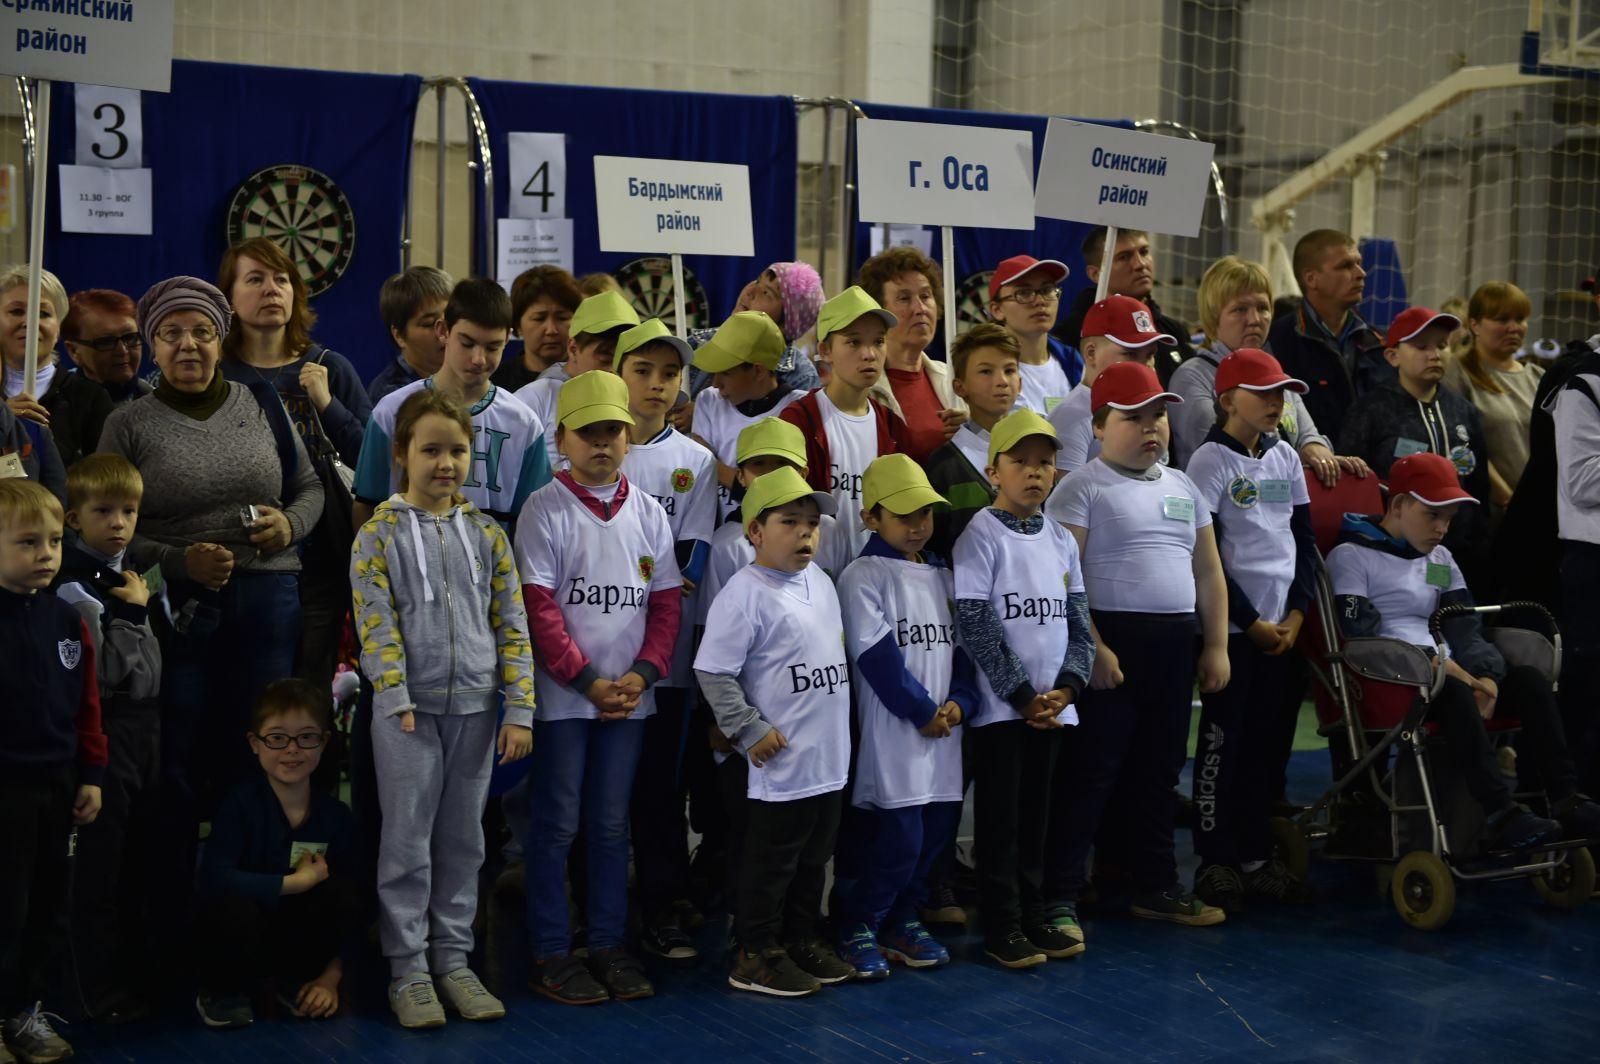 1 июня в Перми состоится XXI фестиваль спорта детей-инвалидов Персмкого края, посвященный международному дню защиты детей.